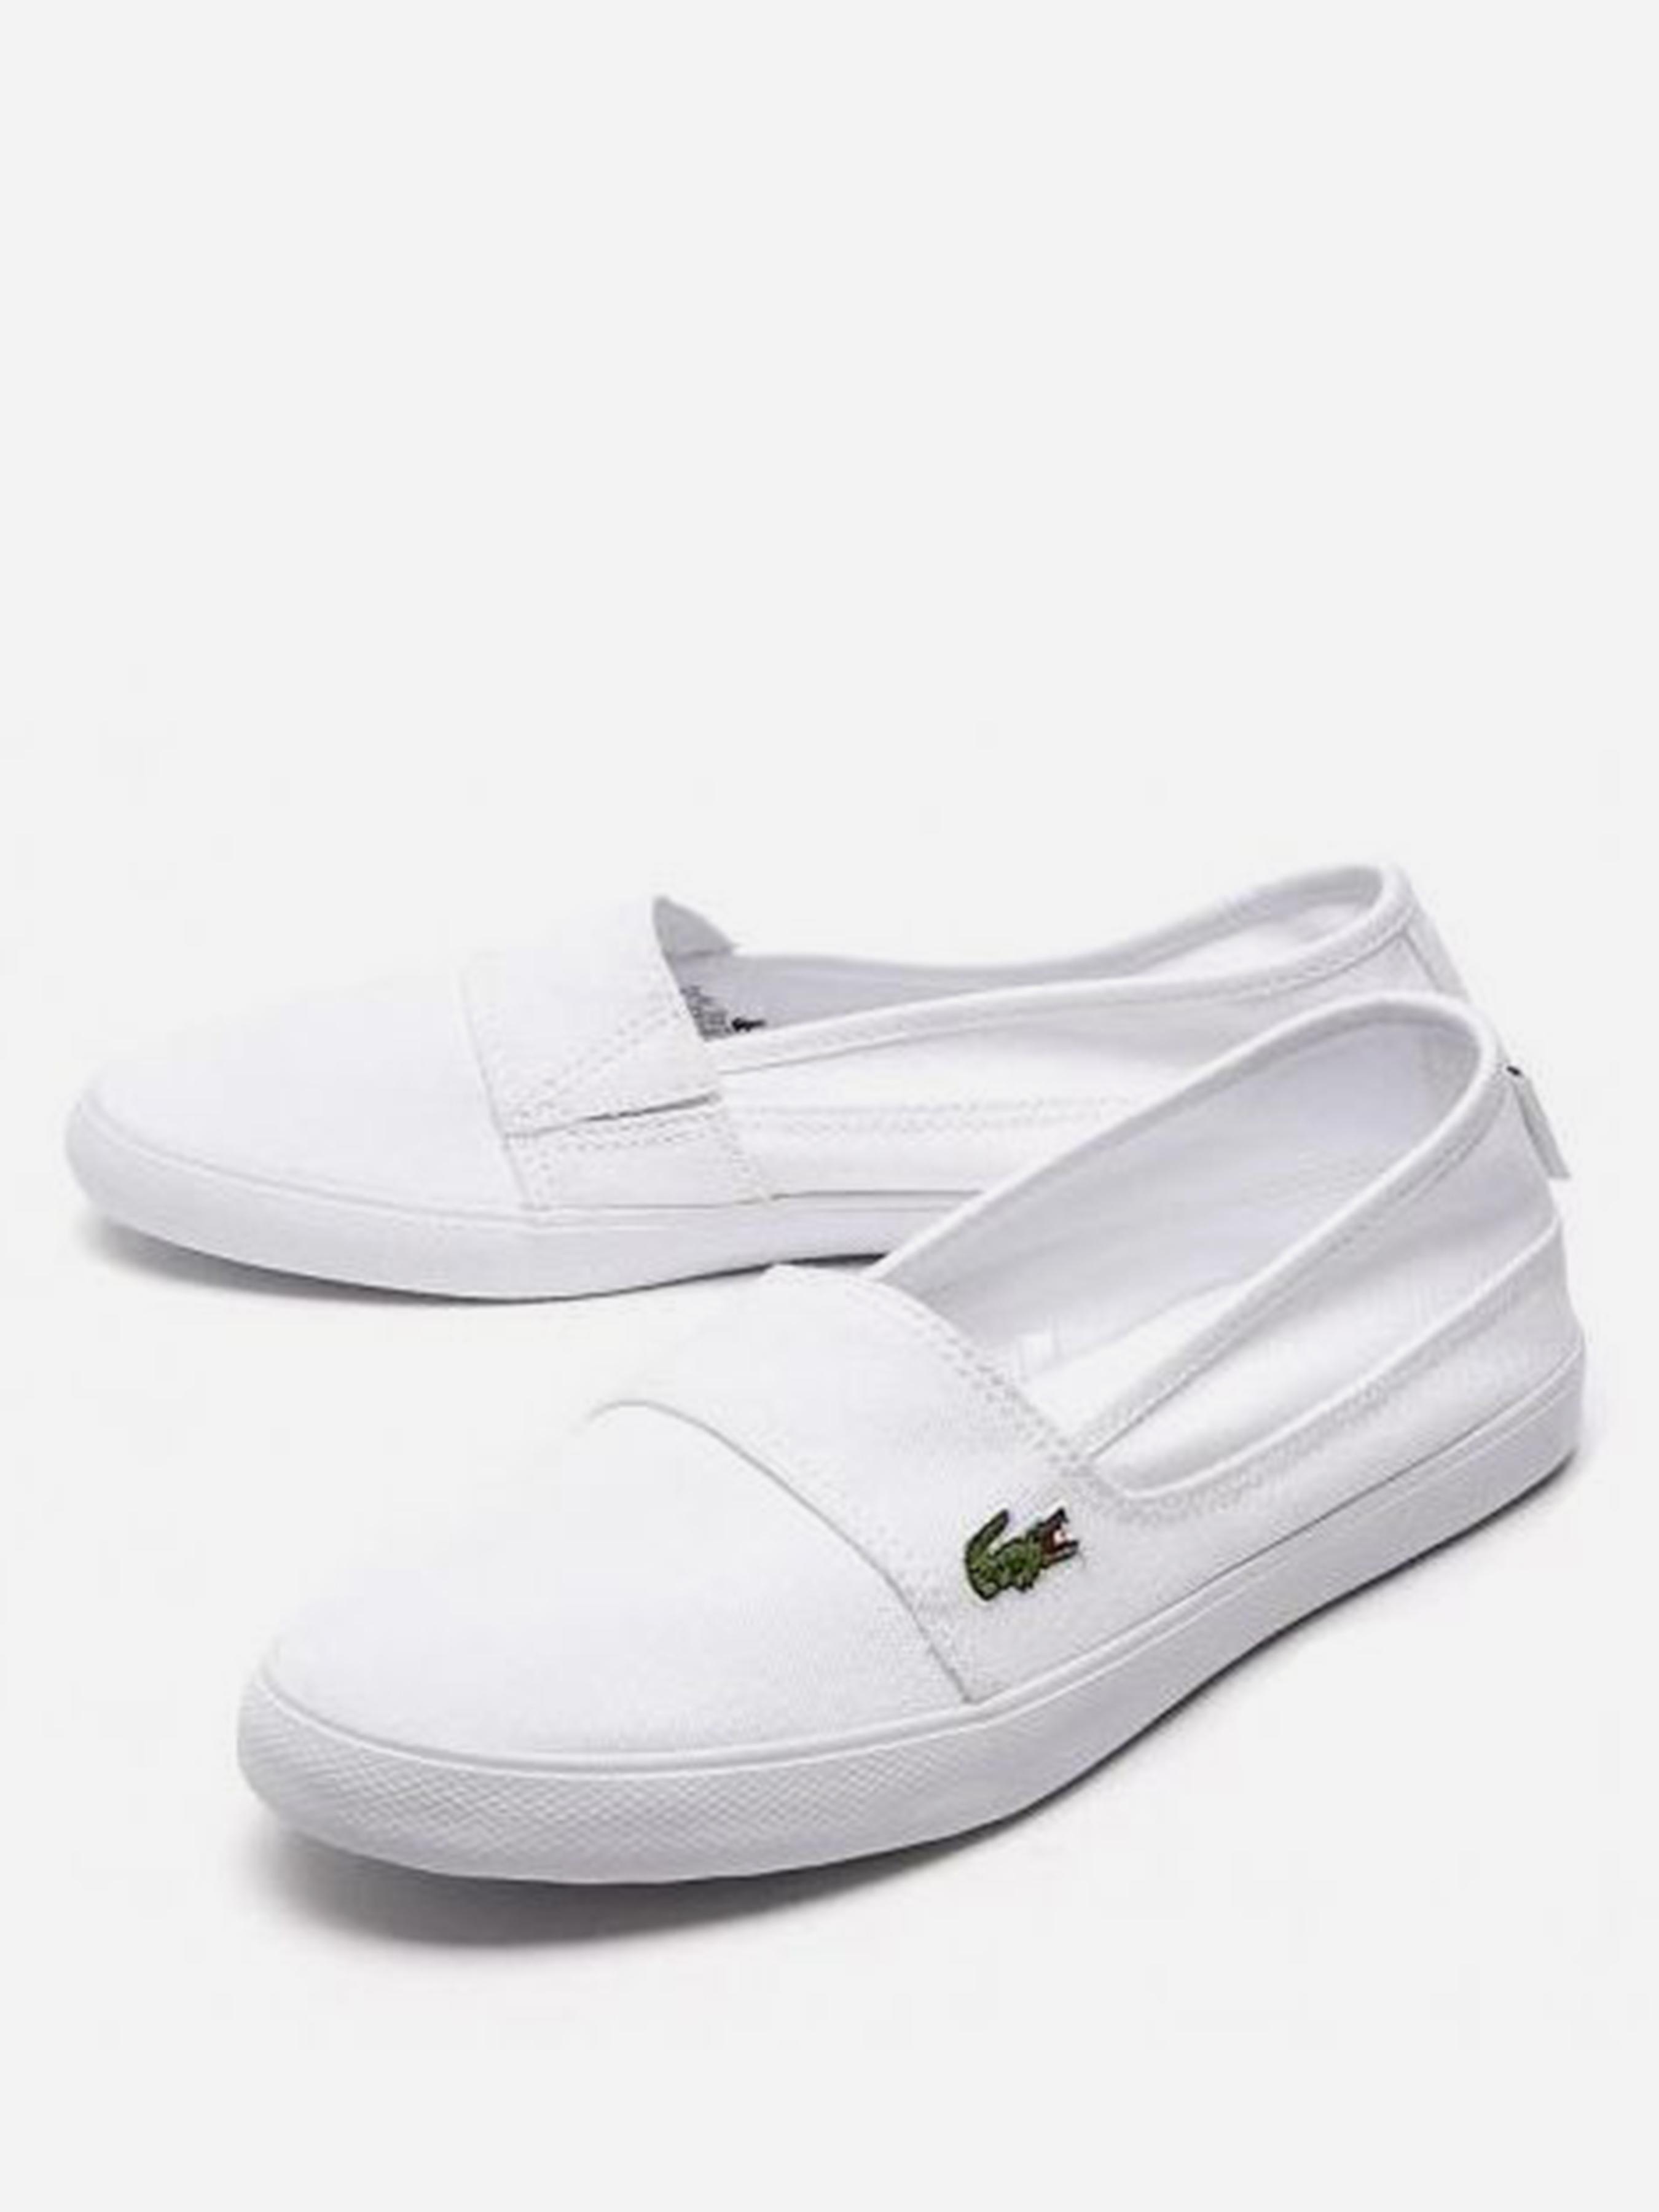 Мокасины для женщин Lacoste MARICE BL 2 CFA 732SPW0142001 размерная сетка обуви, 2017